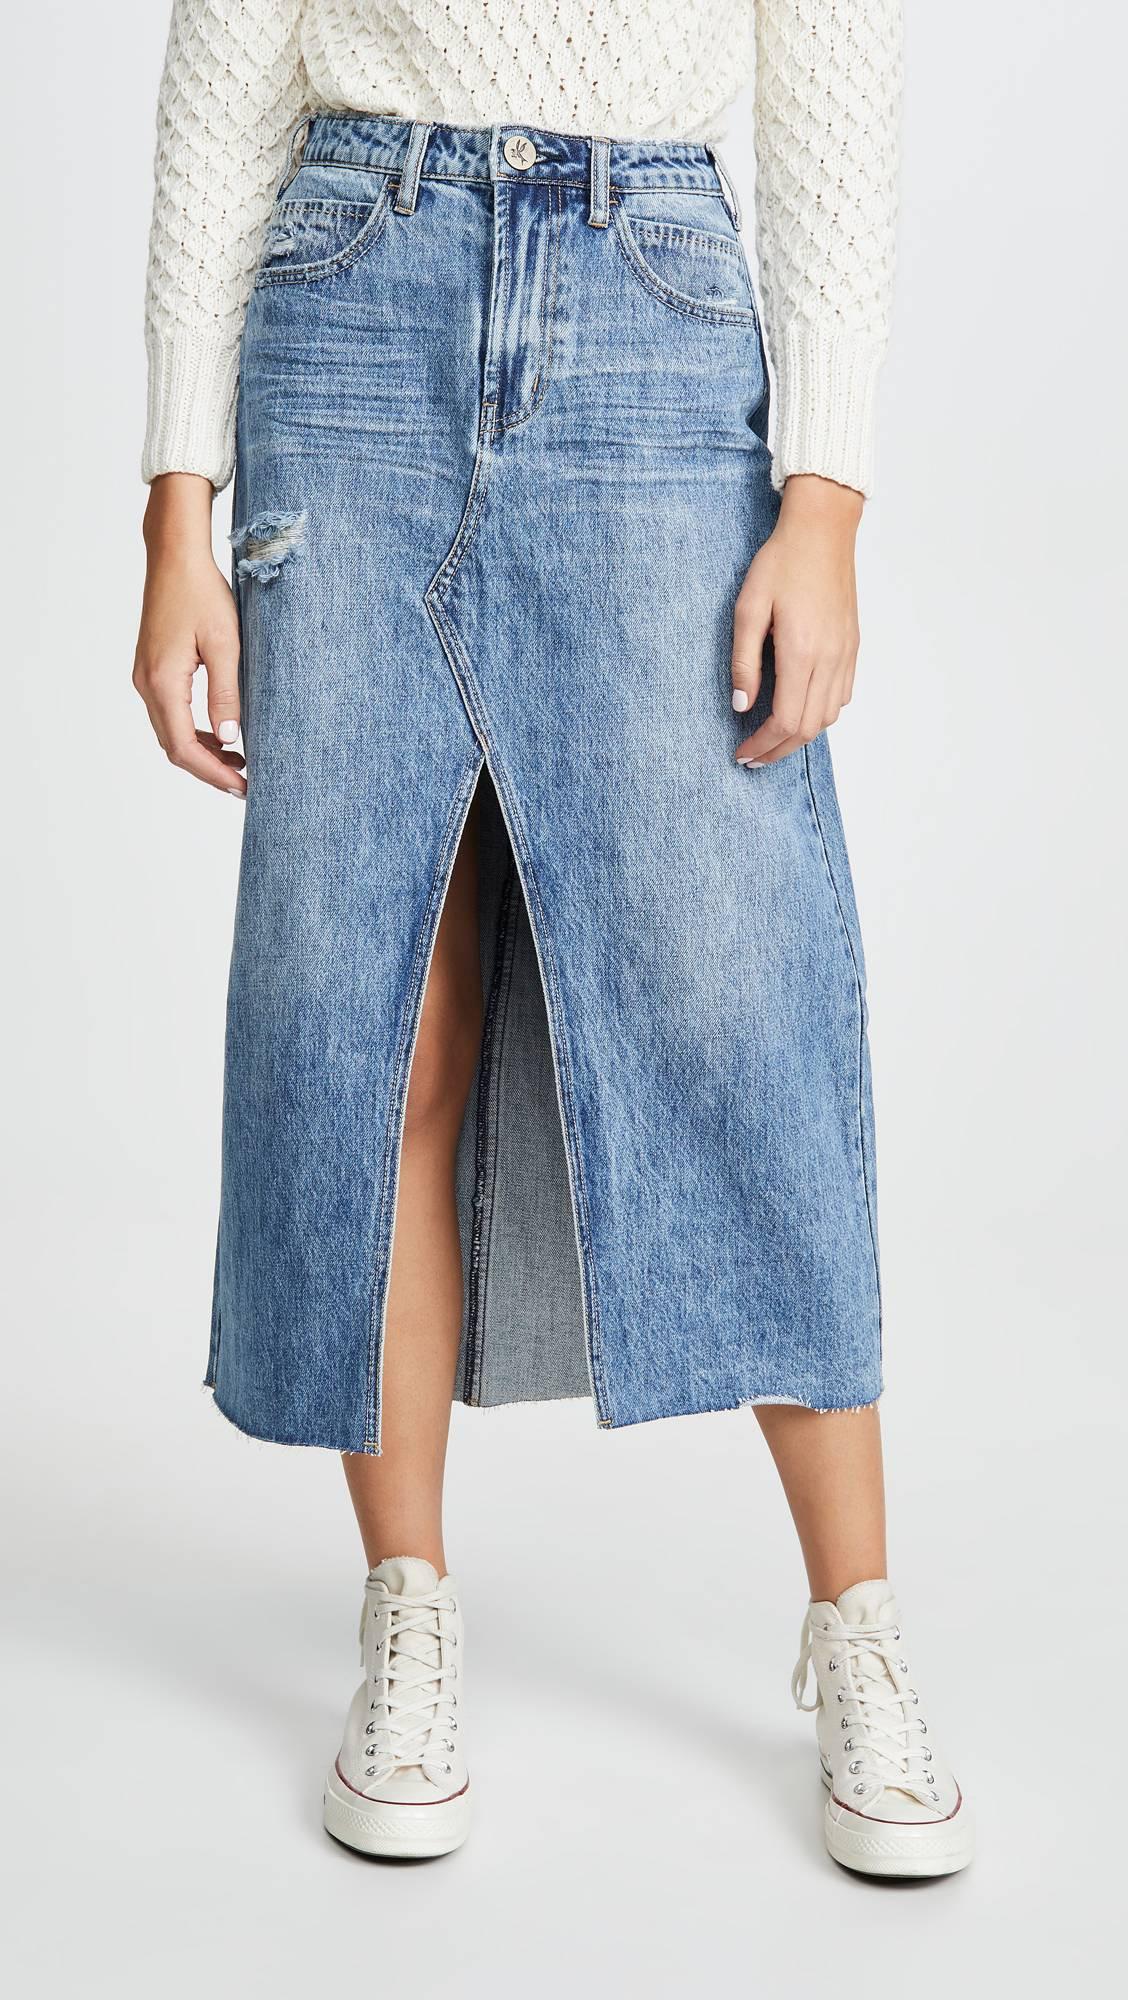 احدث موديلات الجيبات 2020 - جيبة جينز بها فتحت من الأمام